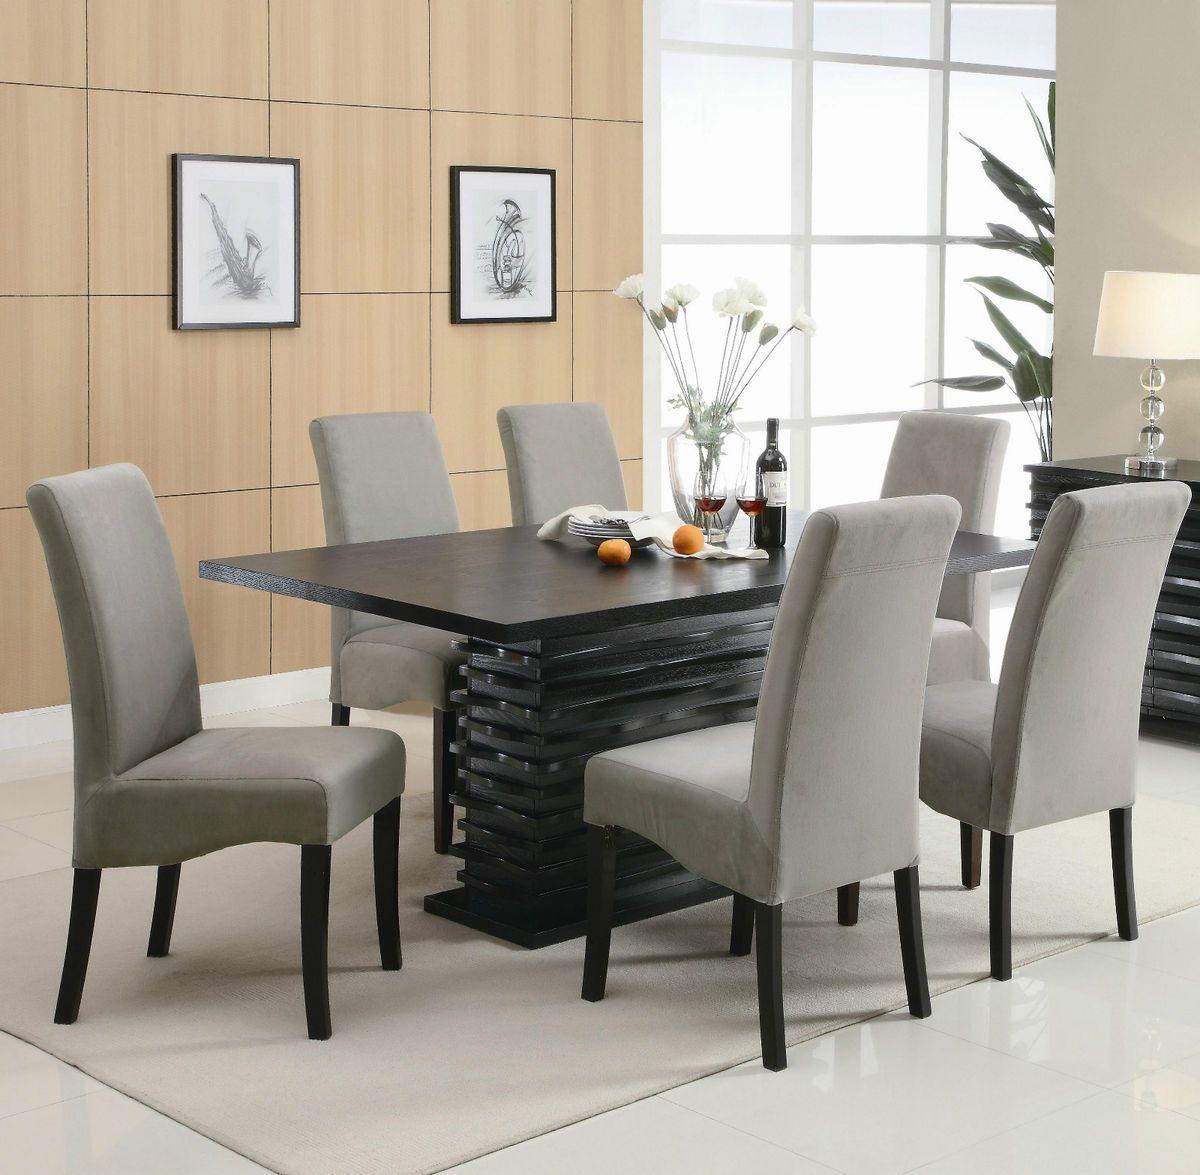 Get Hold Of Some Modern Dining Room Furniture Darbylanefurniture